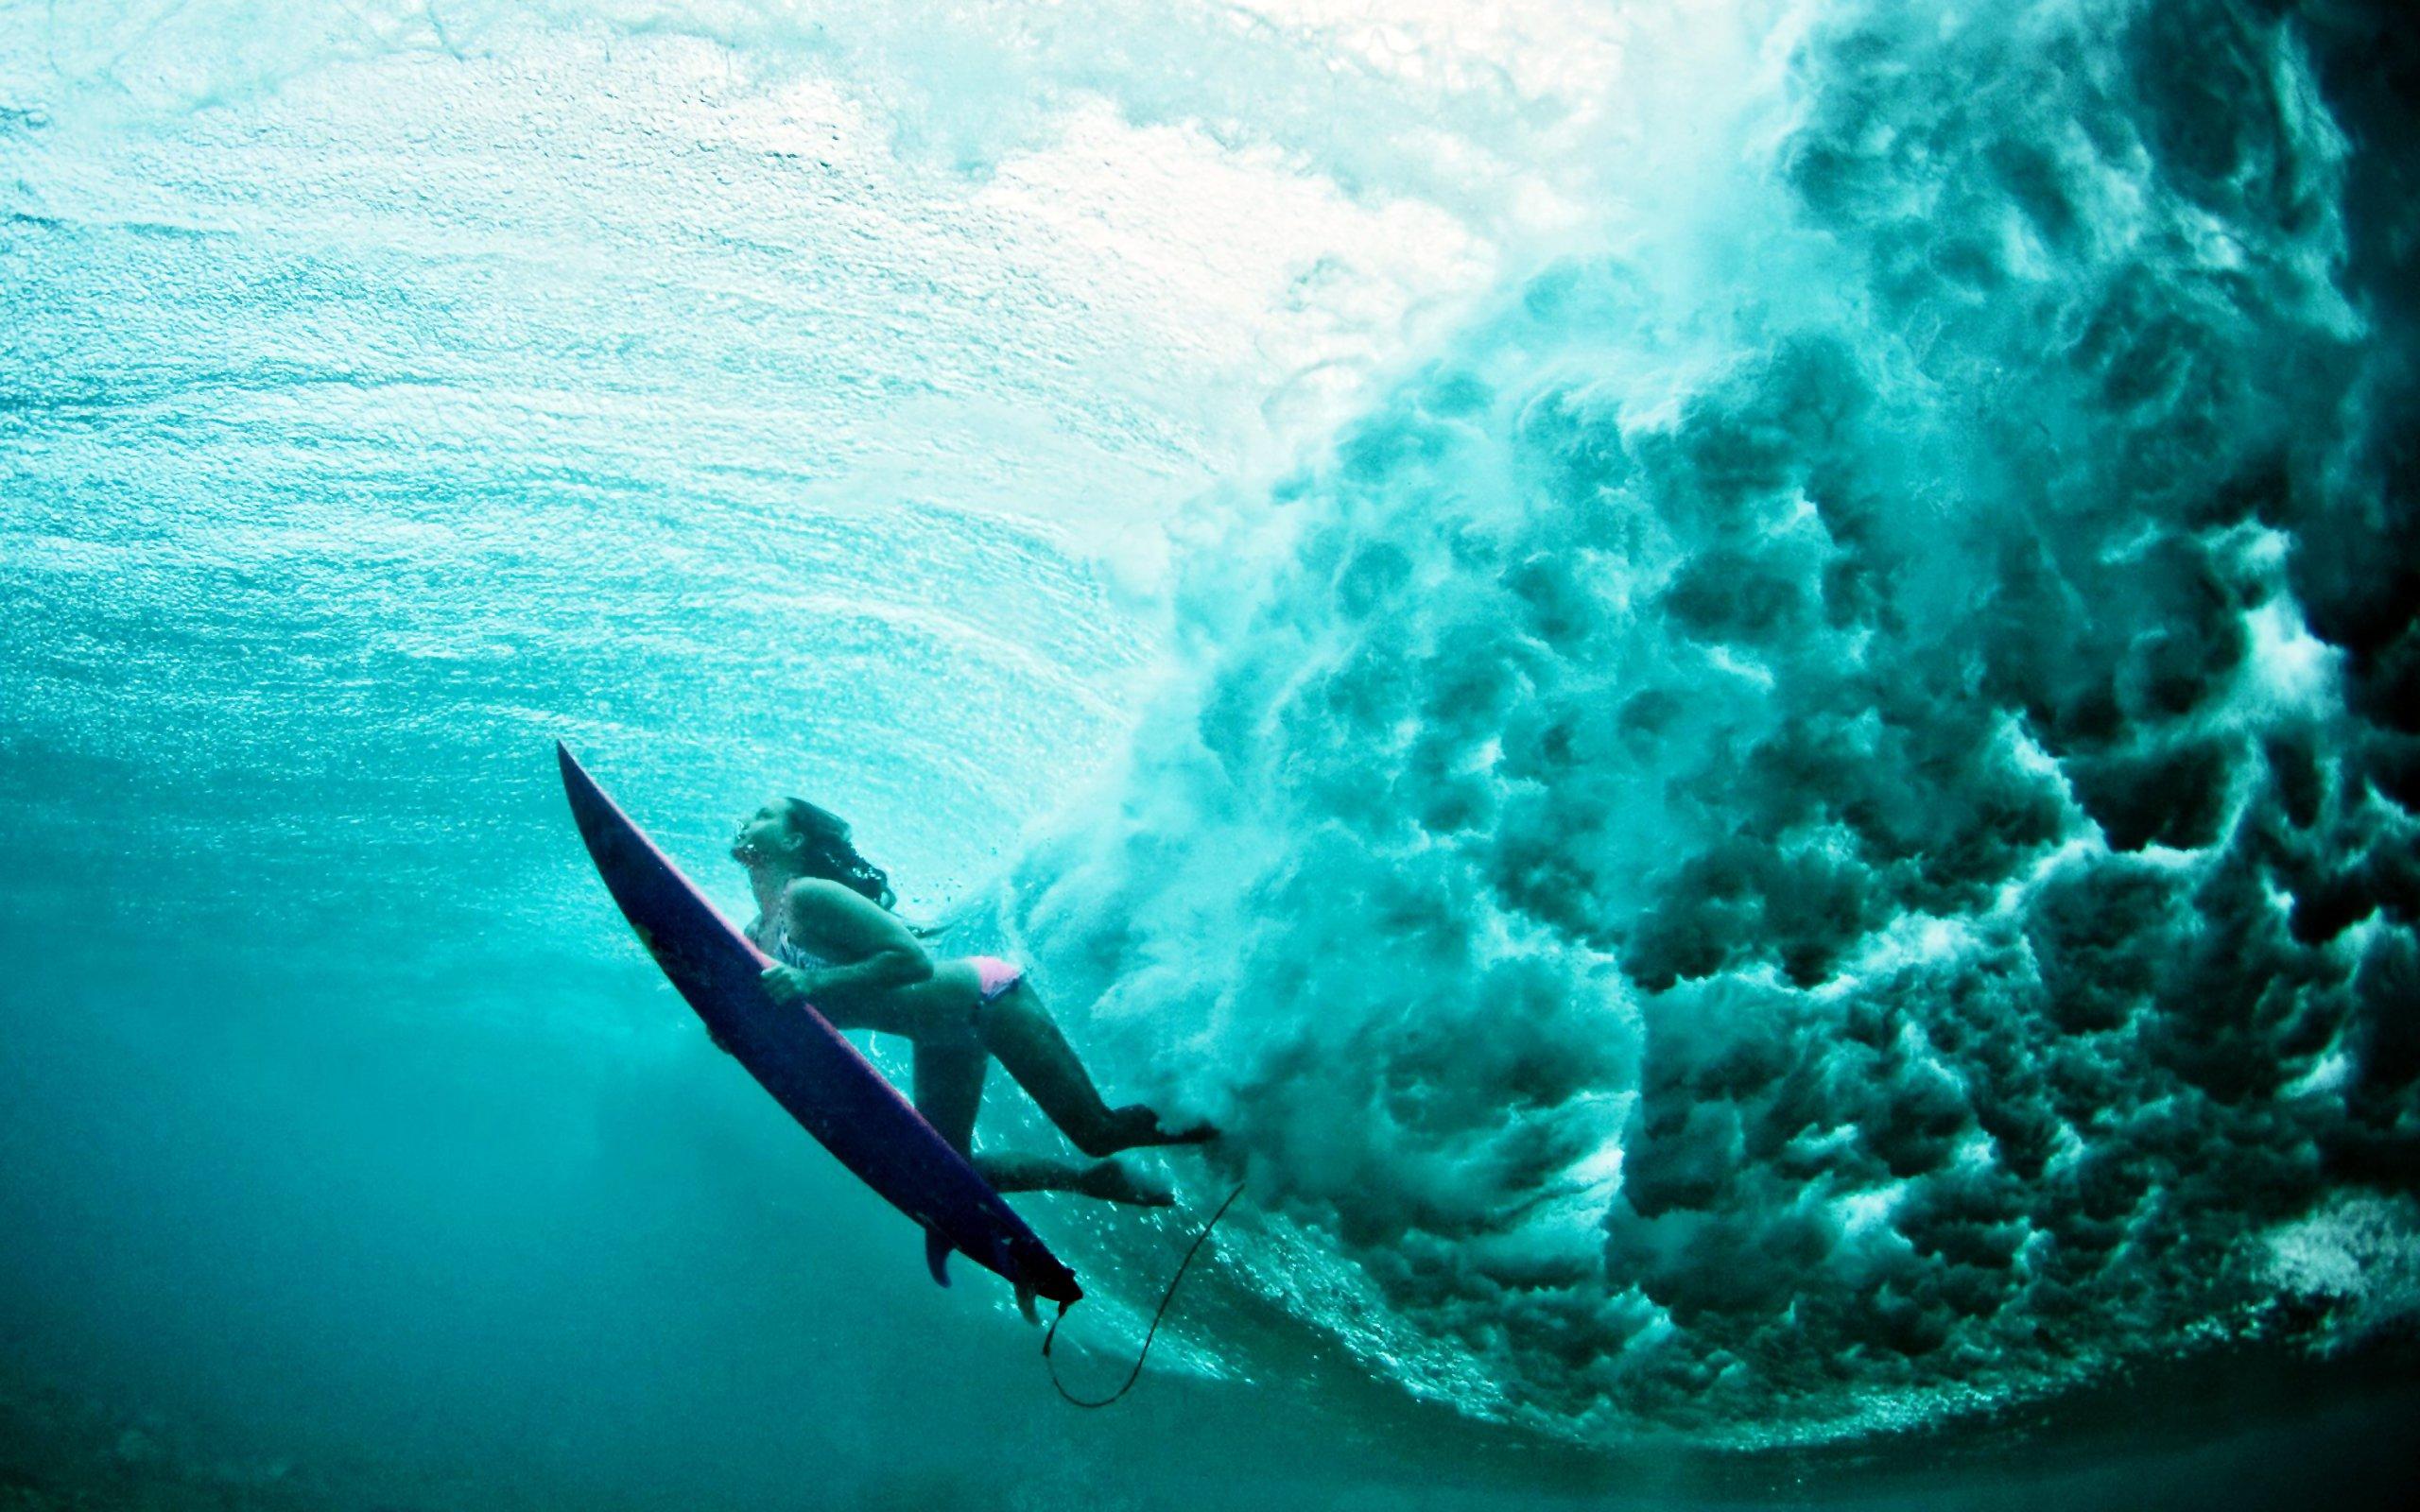 45] Girls Surfing Wallpaper on WallpaperSafari 2560x1600